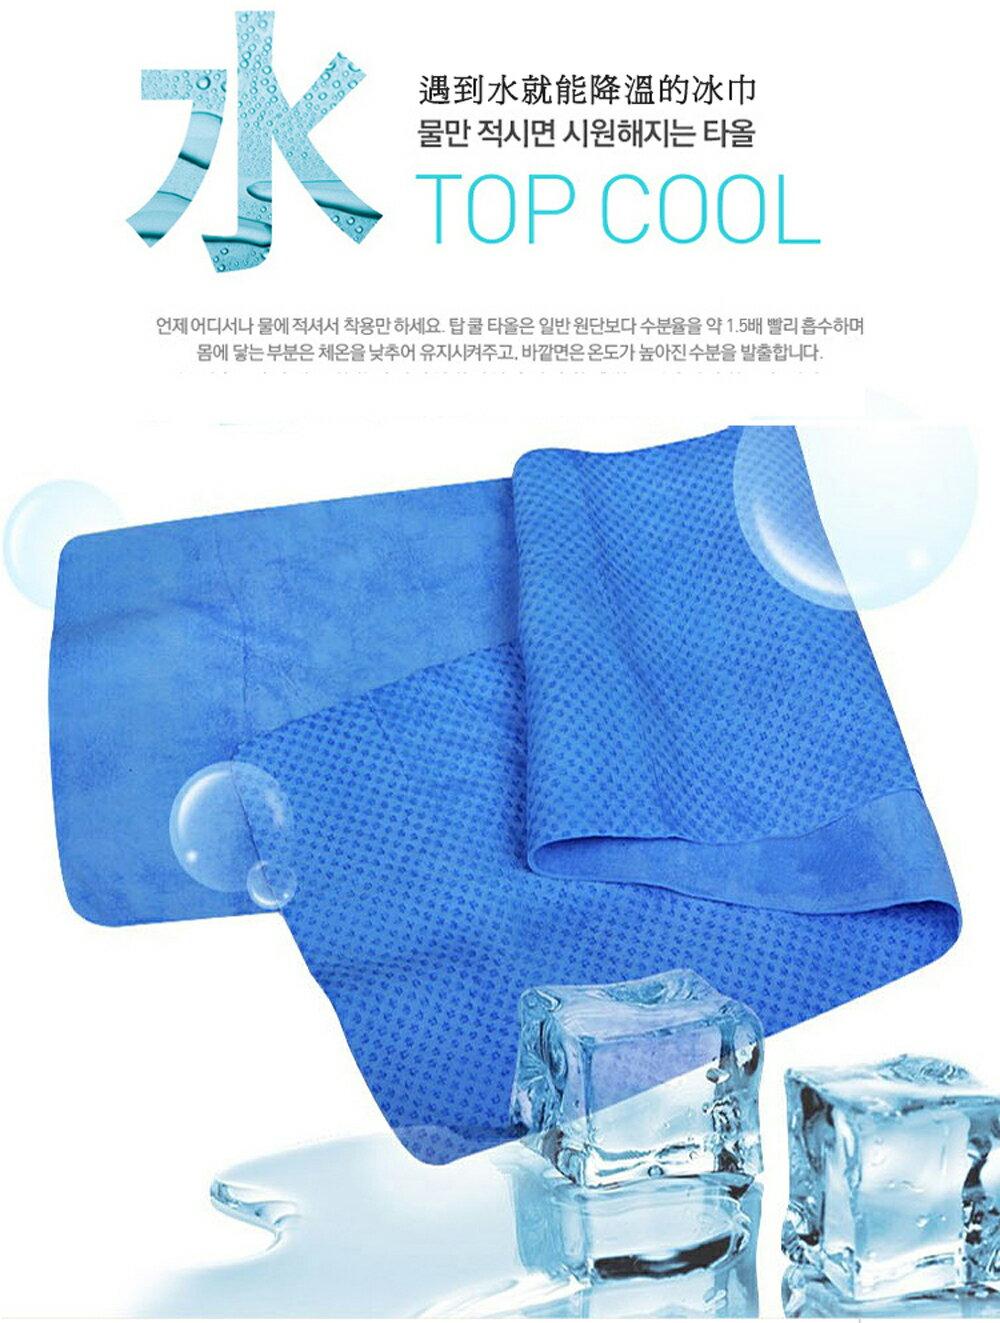 小玩子 RK-1 涼感冰涼巾 一甩就涼 消暑 速冷 毛巾 清涼 RK-8017